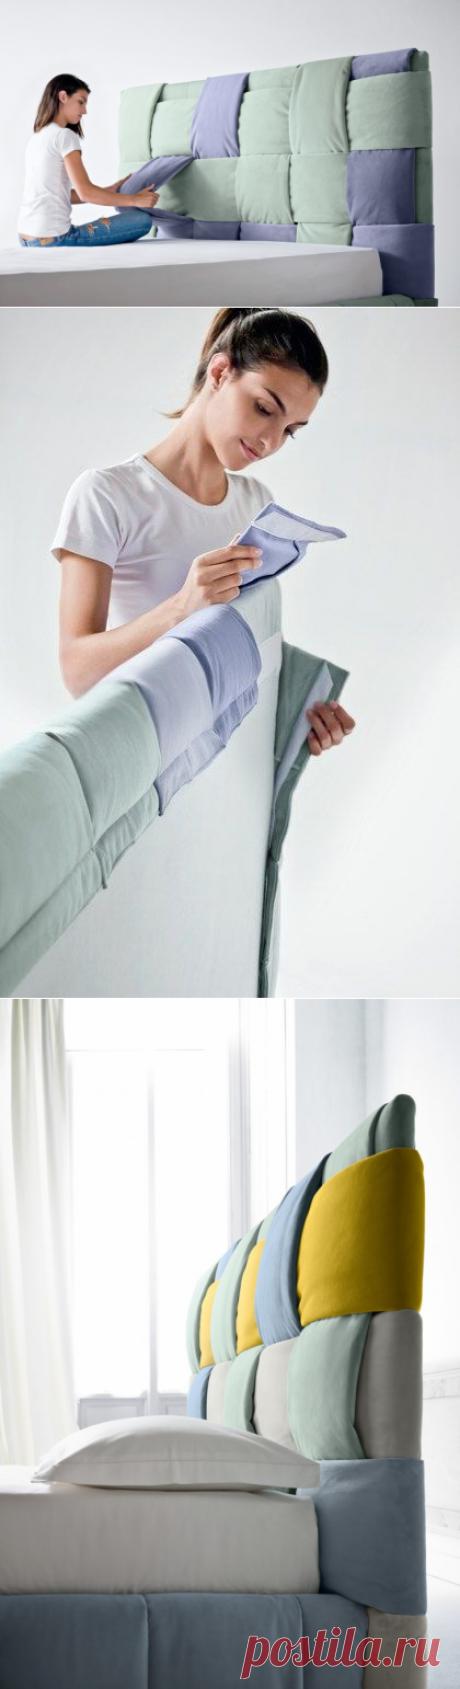 Кровать Felis TIFFANY / Спальня / ВТОРАЯ УЛИЦА - Выкройки, мода и современное рукоделие и DIY